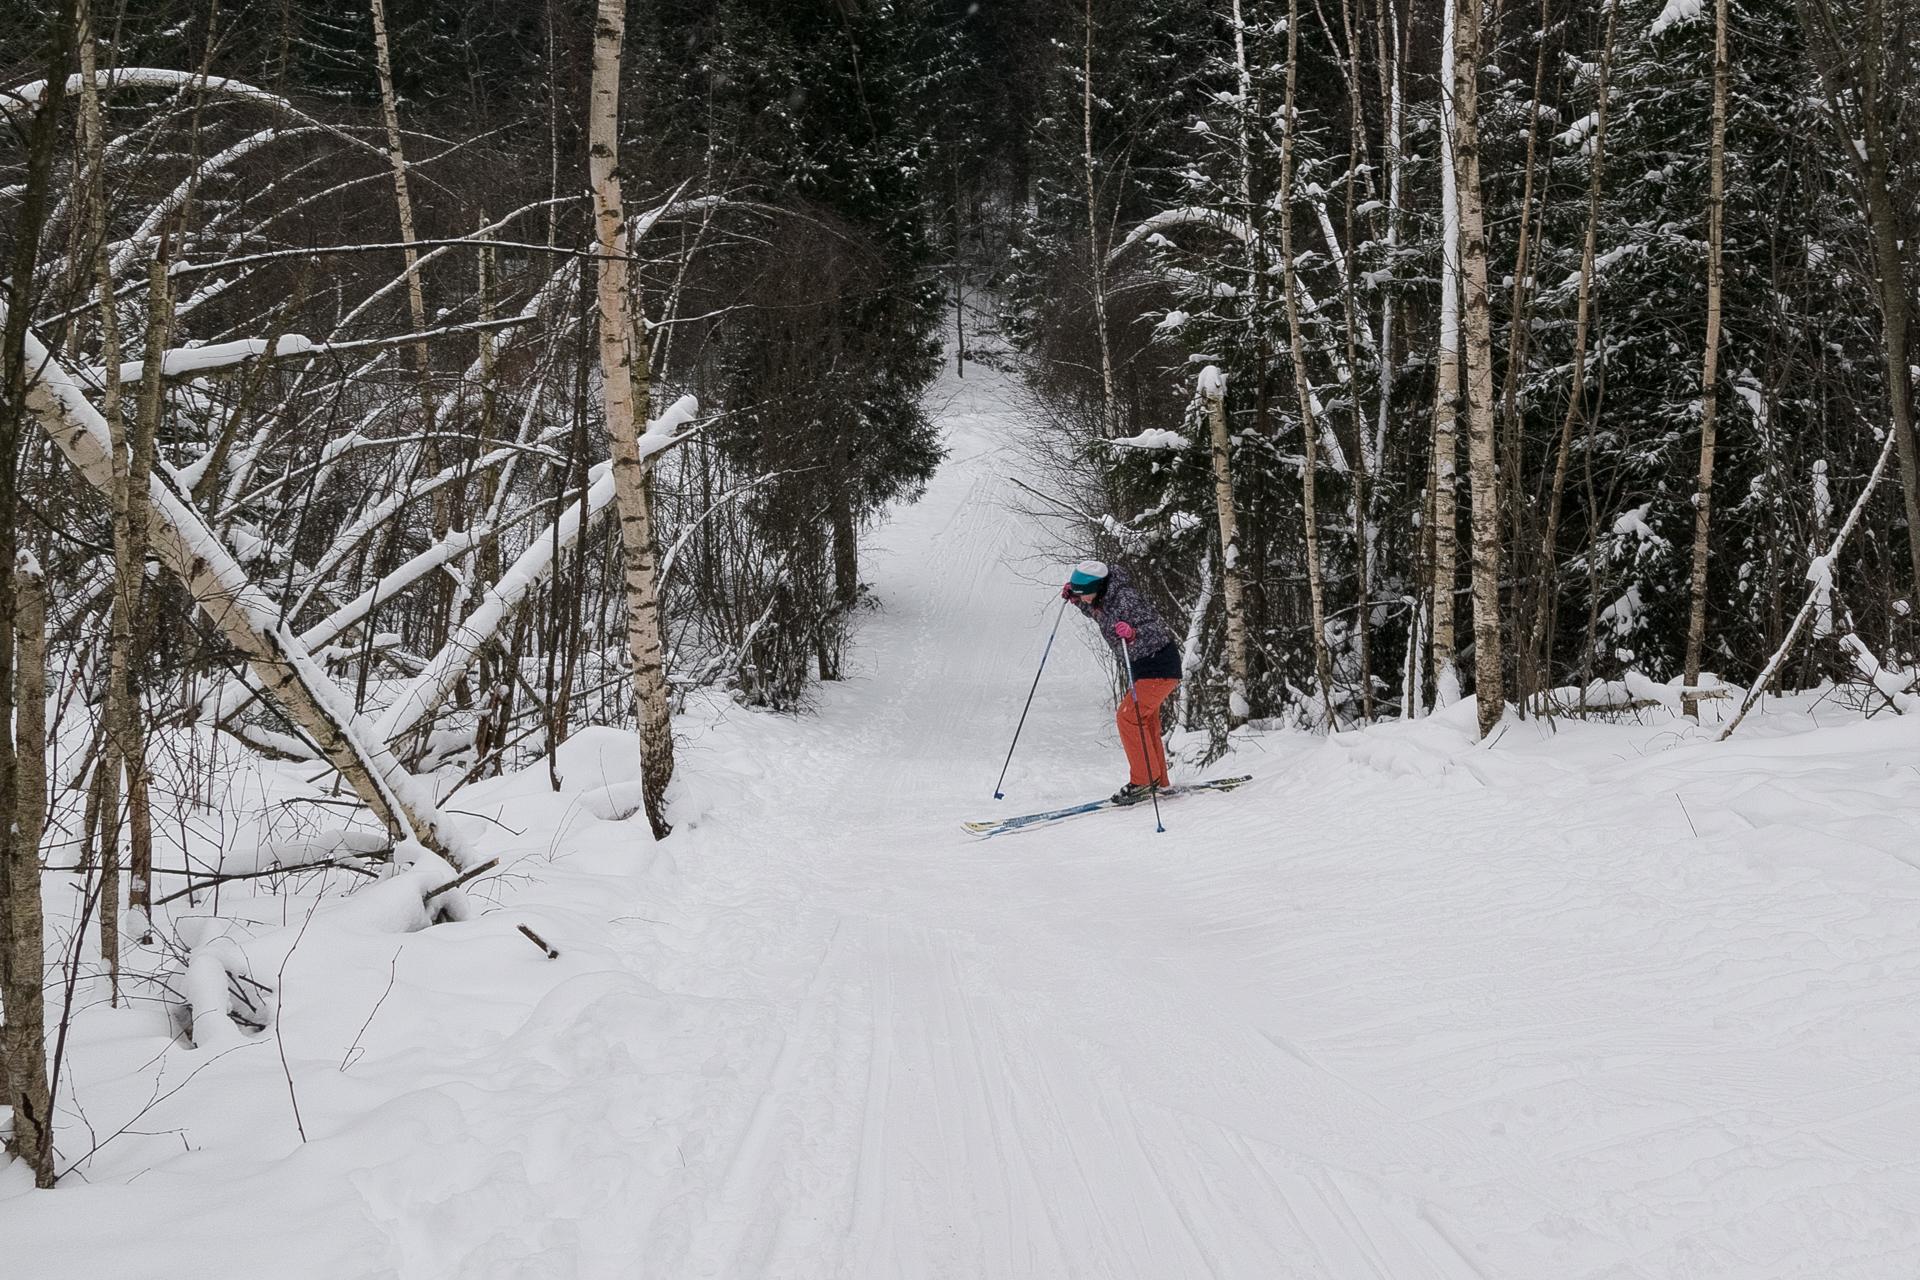 В горку на лыжах